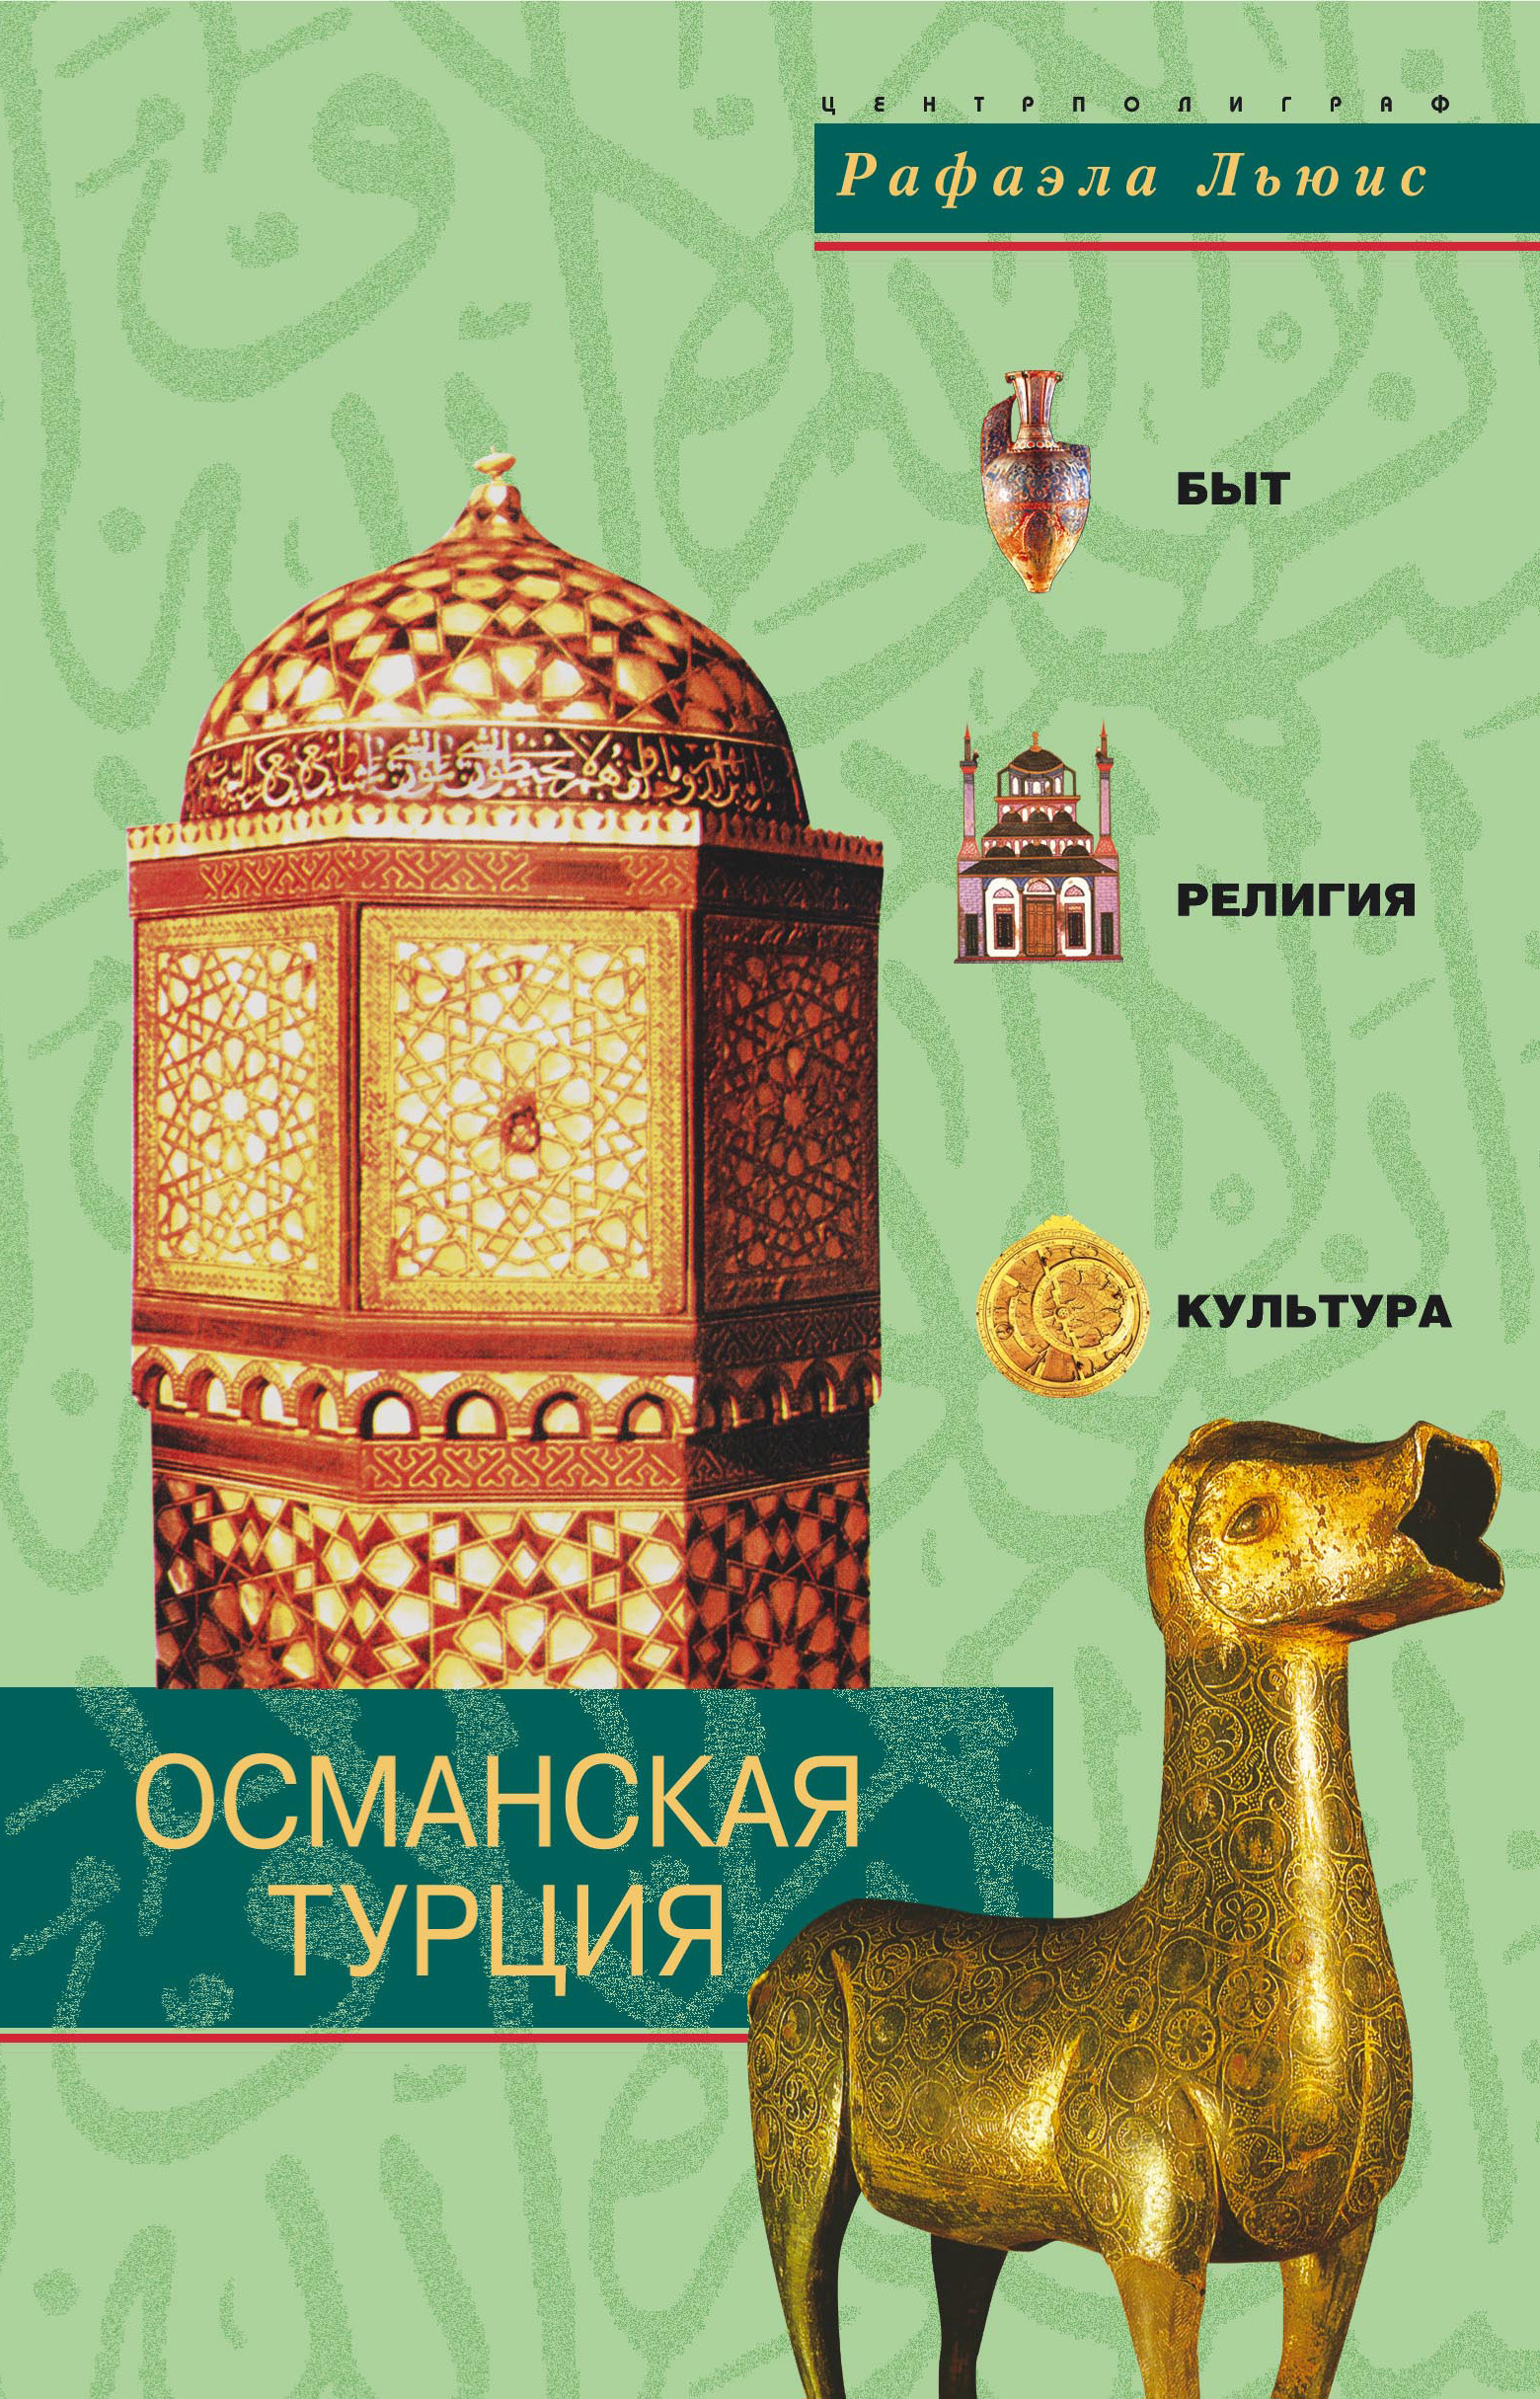 Рафаэла Льюис Османская Турция. Быт, религия, культура луи боден инки быт культура религия